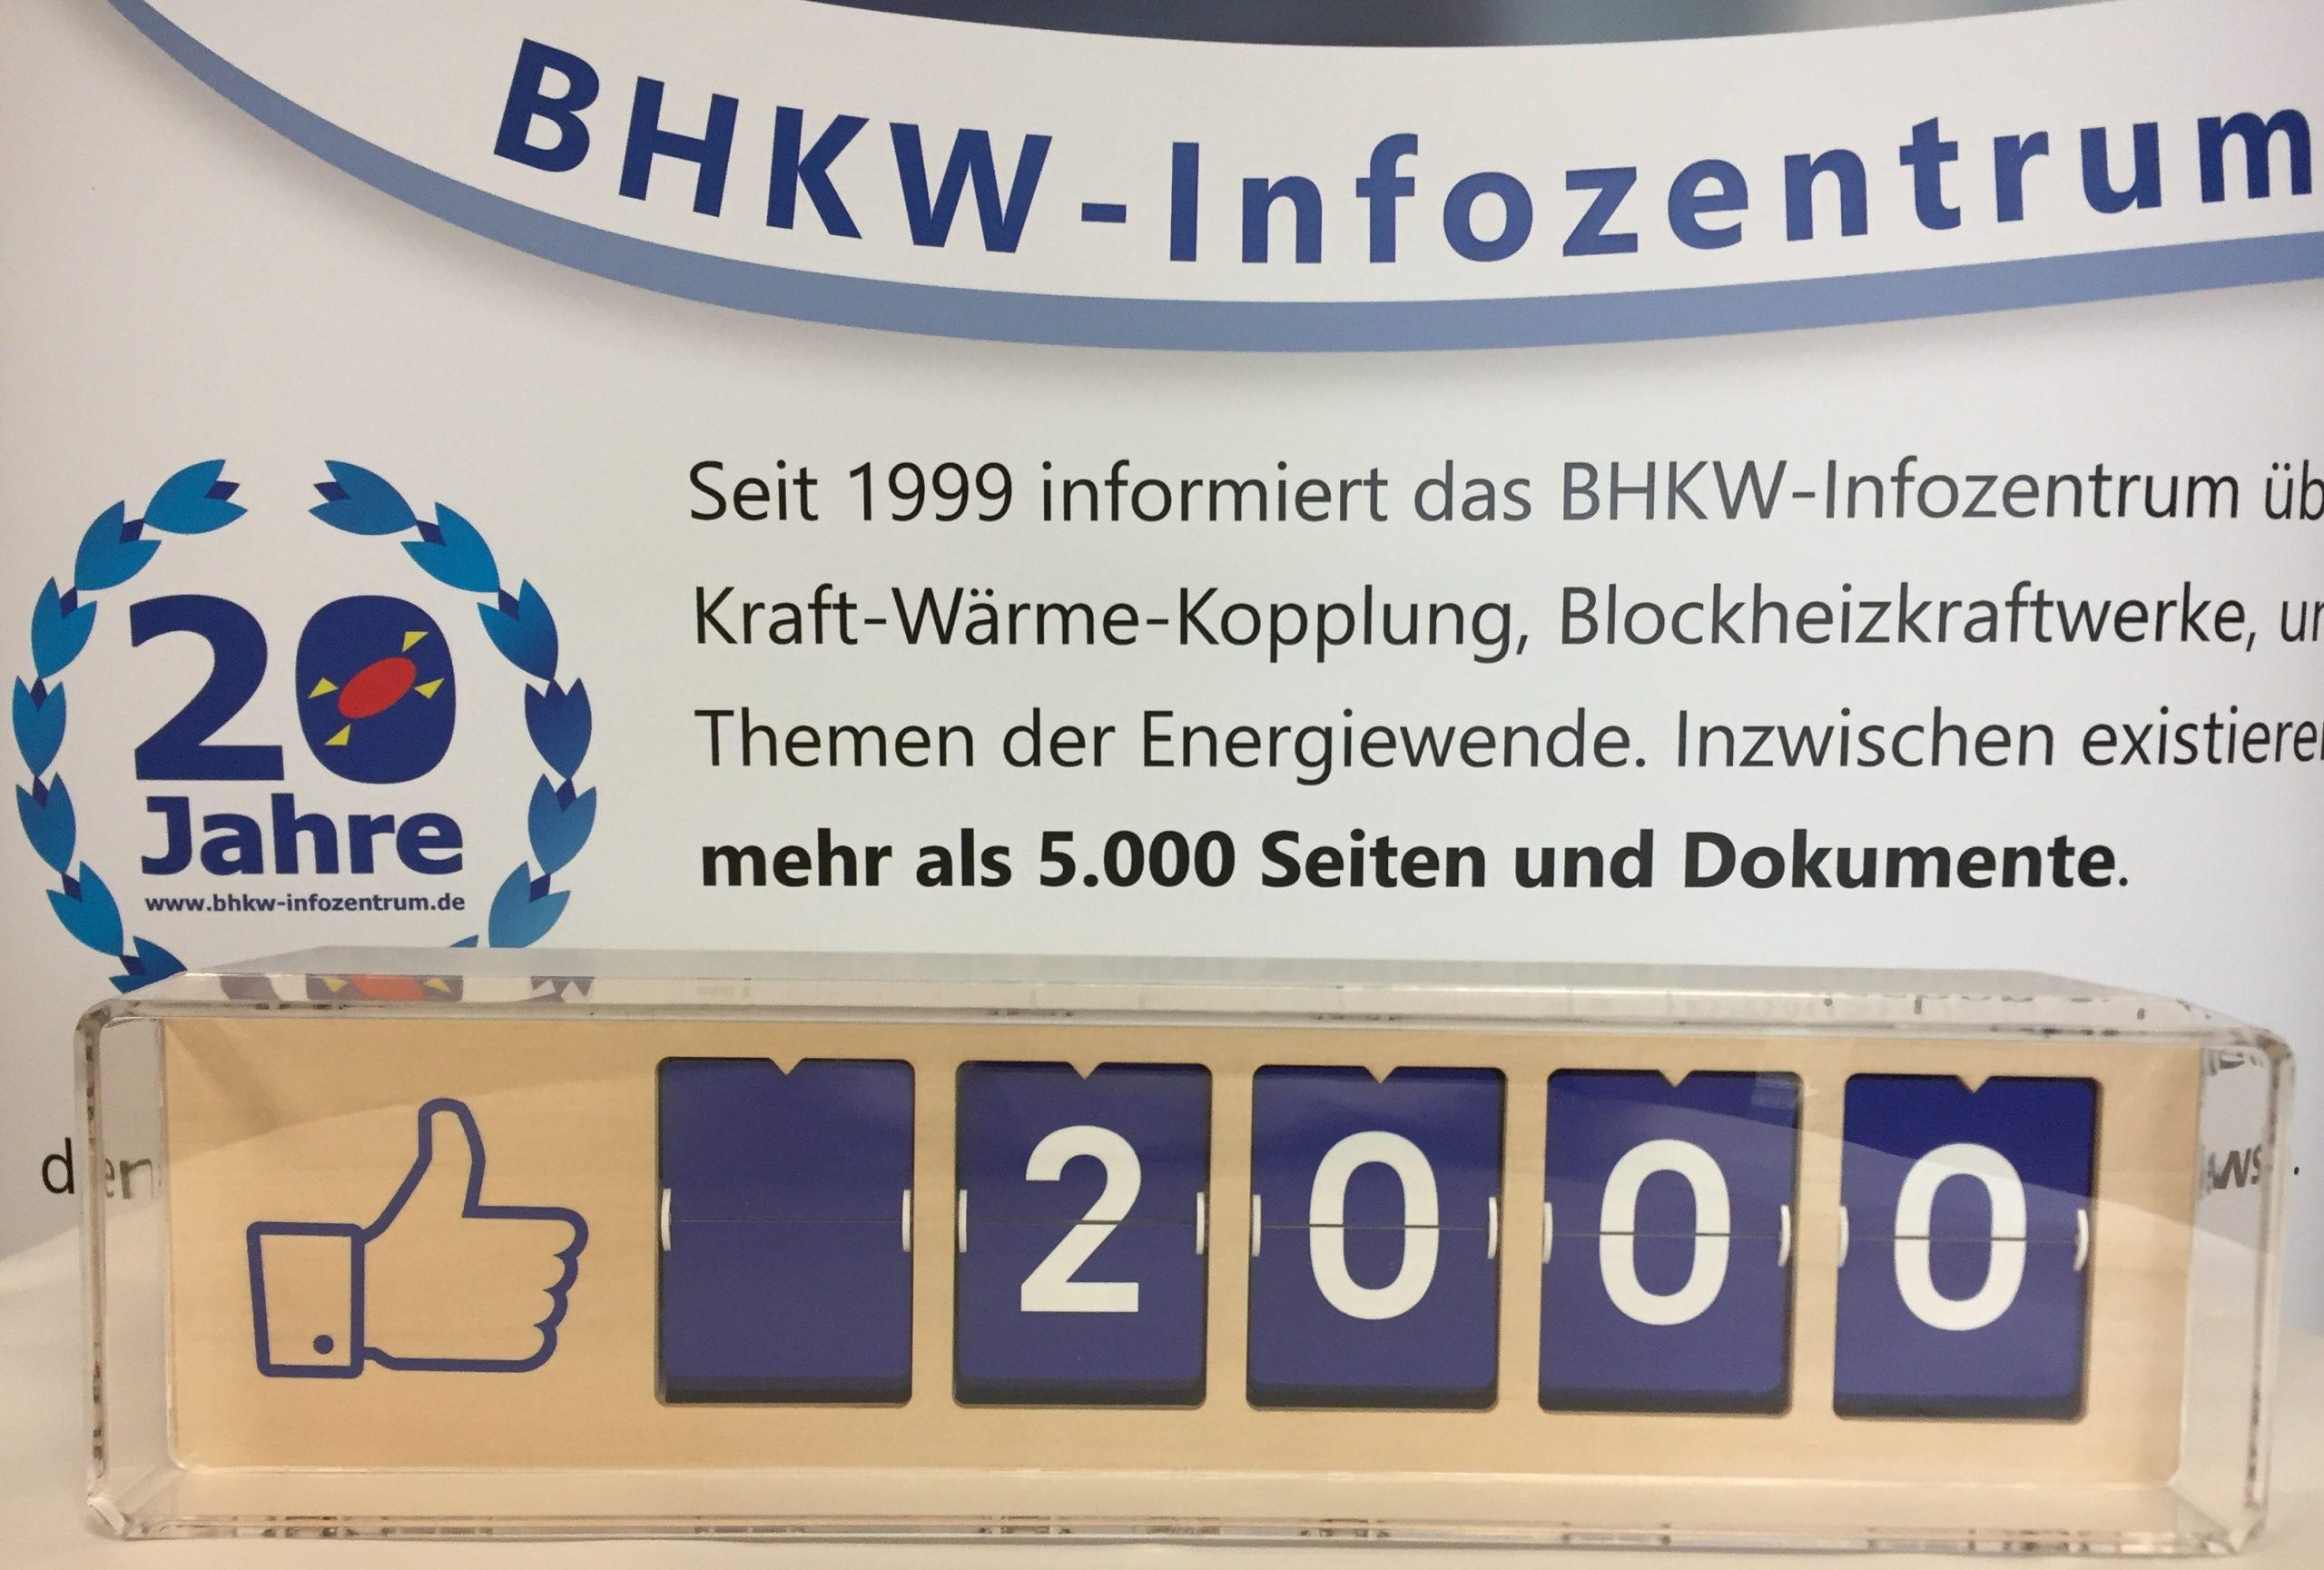 BHKW-Infozentrum freut sich über mehr als 2.000 Facebook-Likes